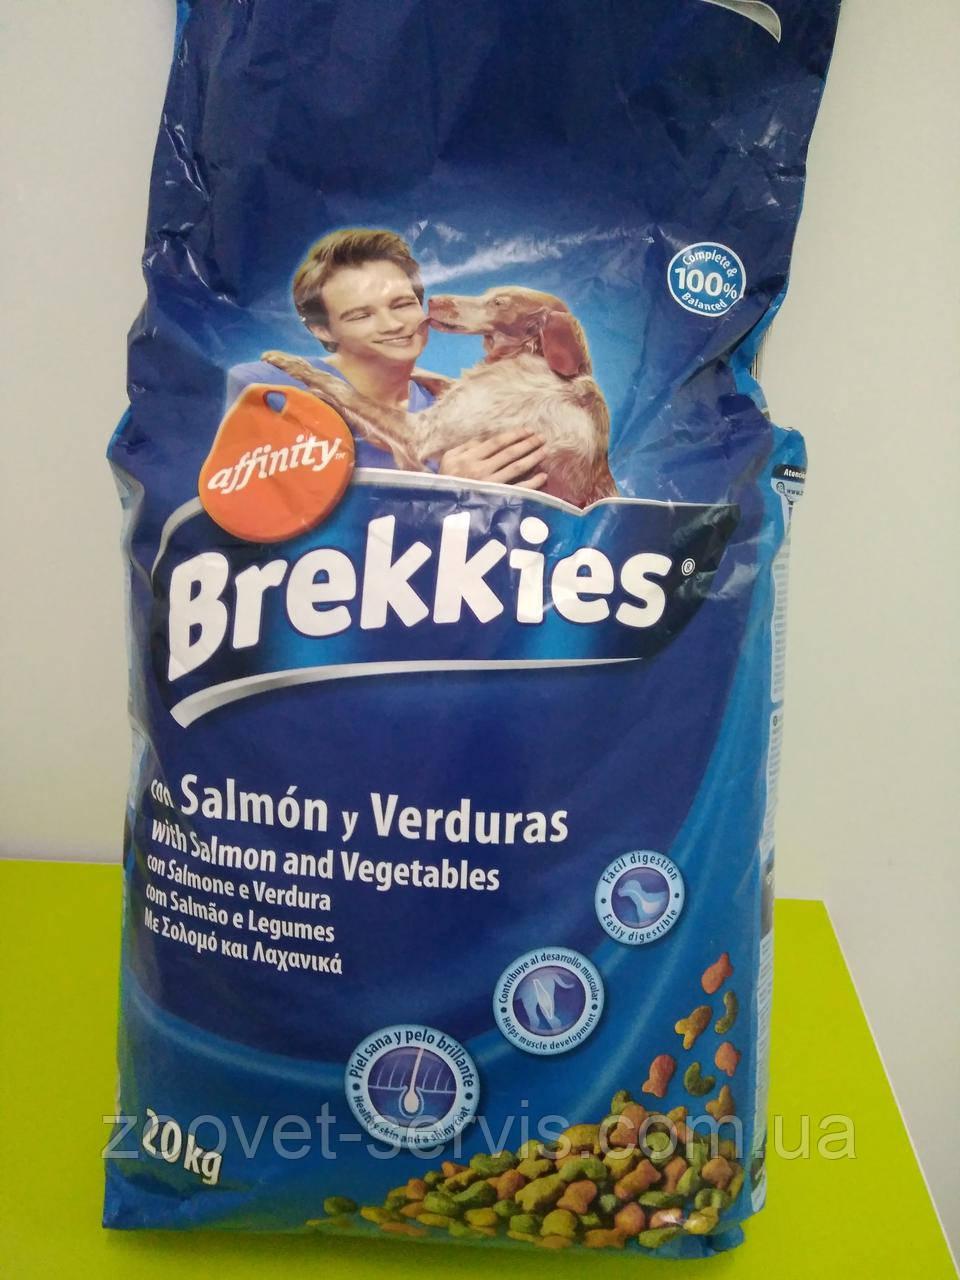 Корм Brekkies (Брекис) Excel Mix для собак с лососем и овощами 20 кг